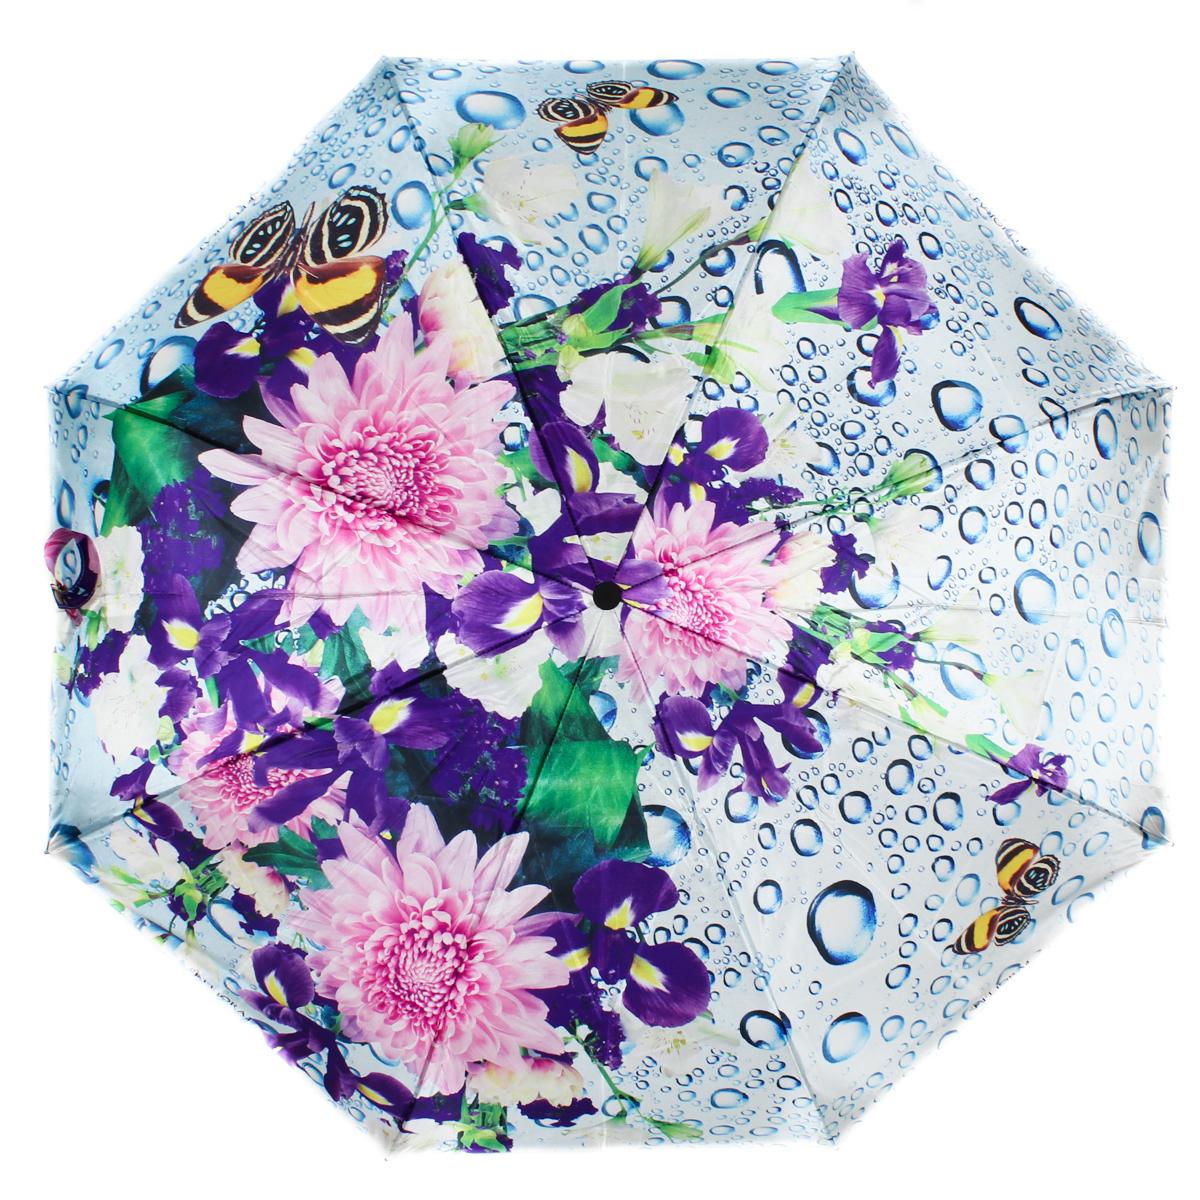 Зонт женский Flioraj, автомат, 3 сложения, цвет: фиолетовый, голубой, розовый. 231212 FJ231212 FJЖенские зонты с нежным рисунком создадут весеннее настроение в любую непогоду! Уникальный каркас из анодированной стали, карбоновые спицы обеспечат надежную защиту даже при порывах ураганного ветра. Улучшенный механизм позволит быстро открыть, а потом сложить зонт.